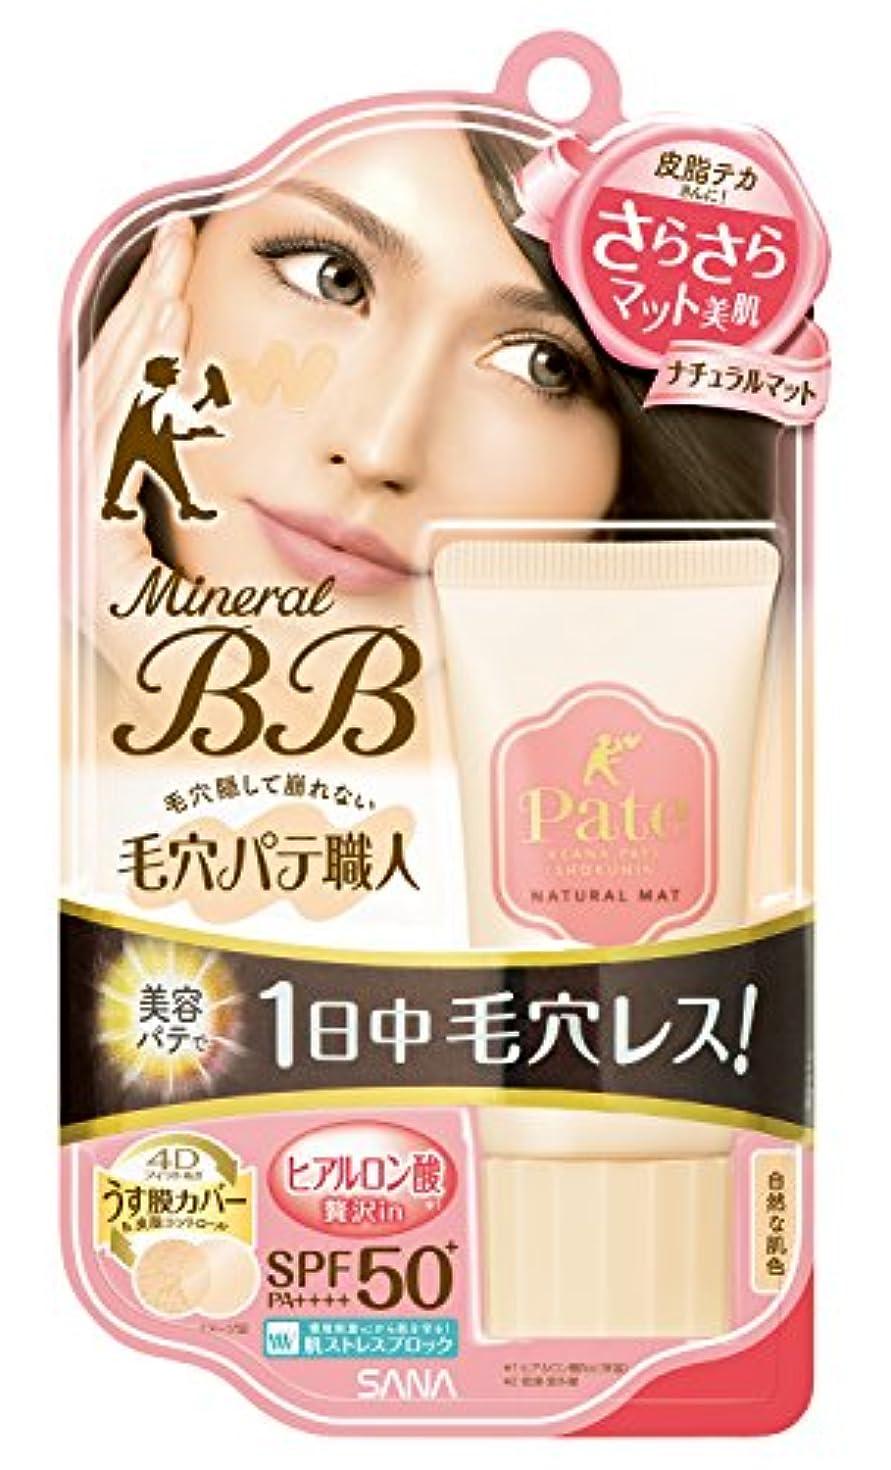 ふくろうフェザーとは異なり毛穴パテ職人 ミネラルBBクリーム ナチュラルマット 自然な肌色 30g